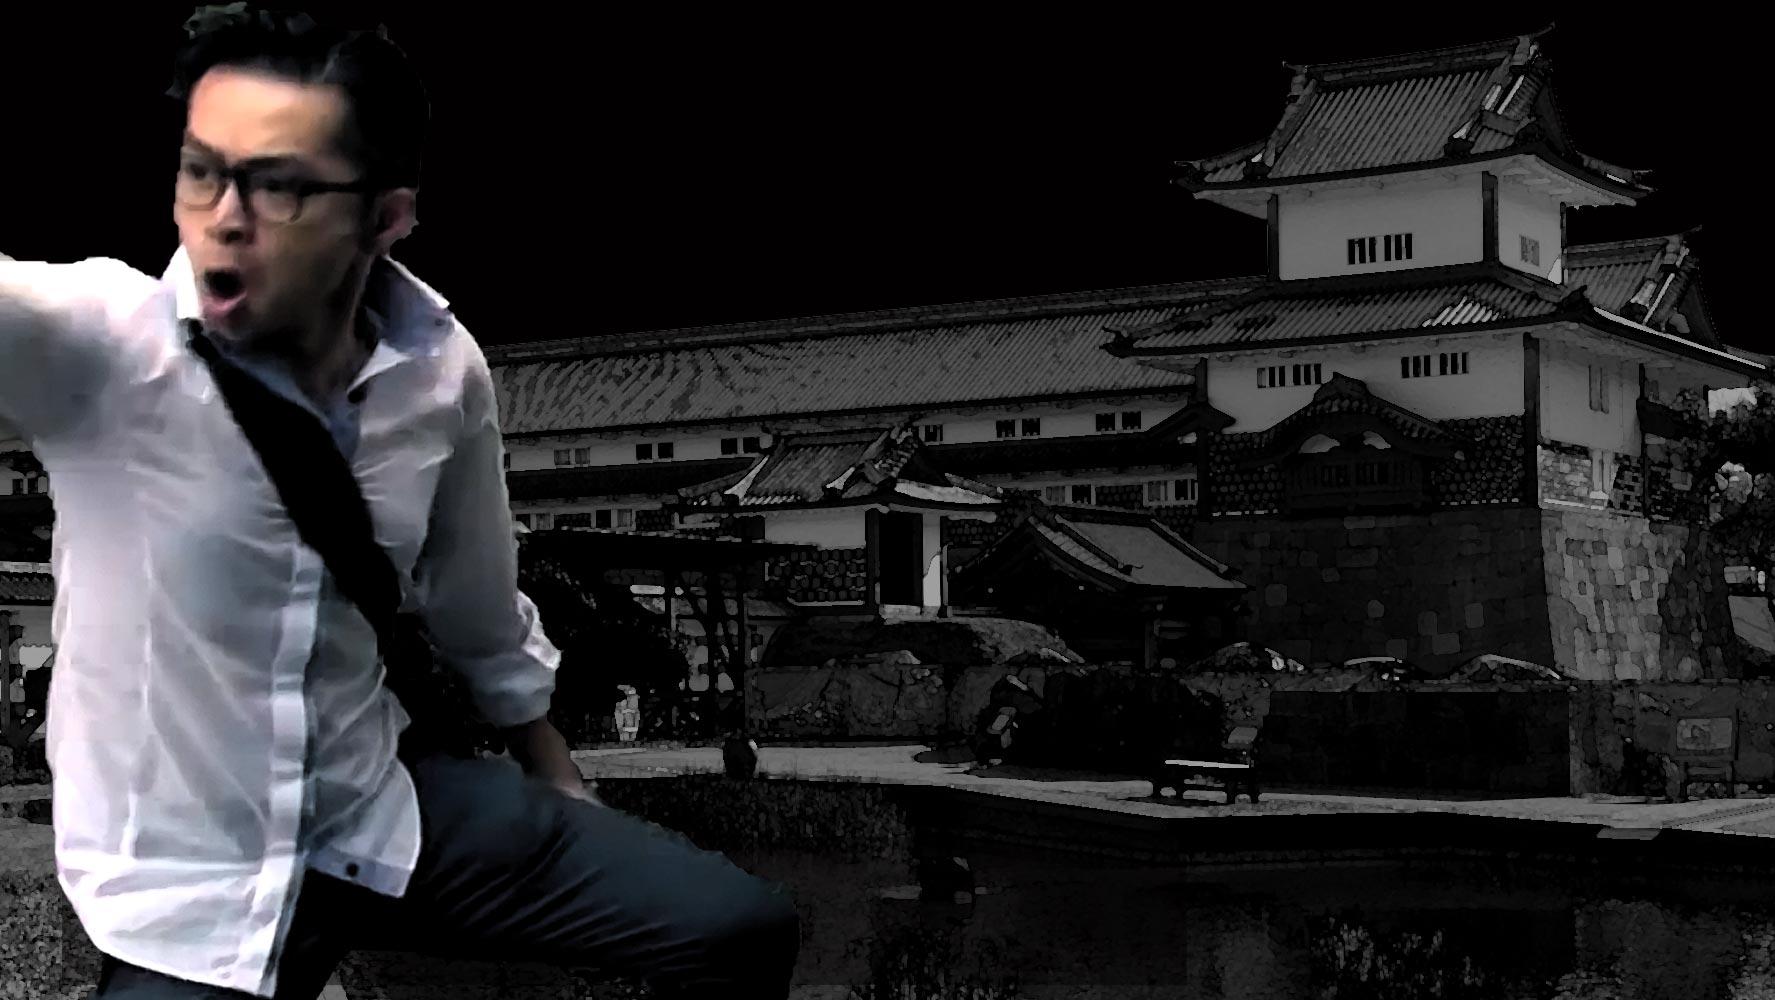 japon qui es-tu ? Episode 3 Saison 2